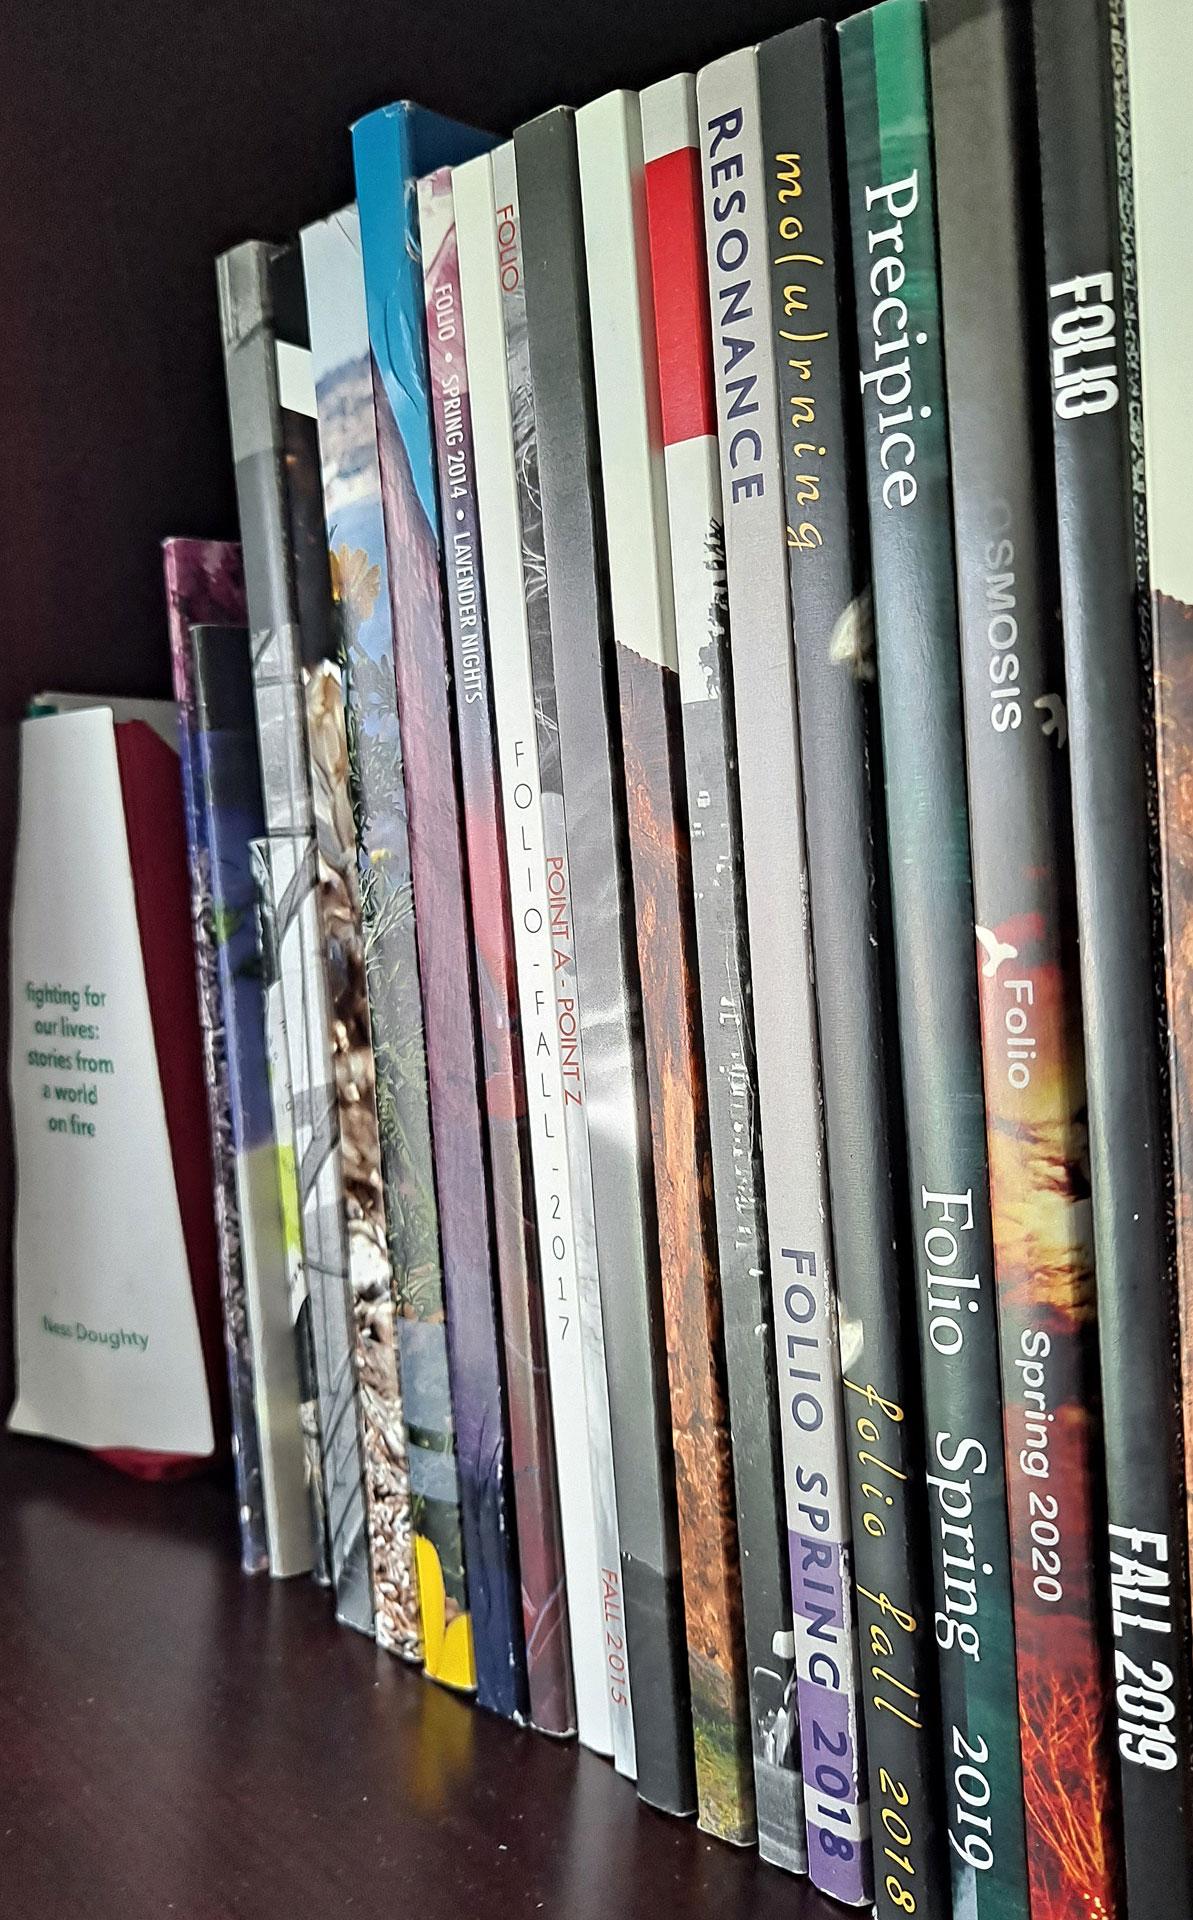 SLCC publications